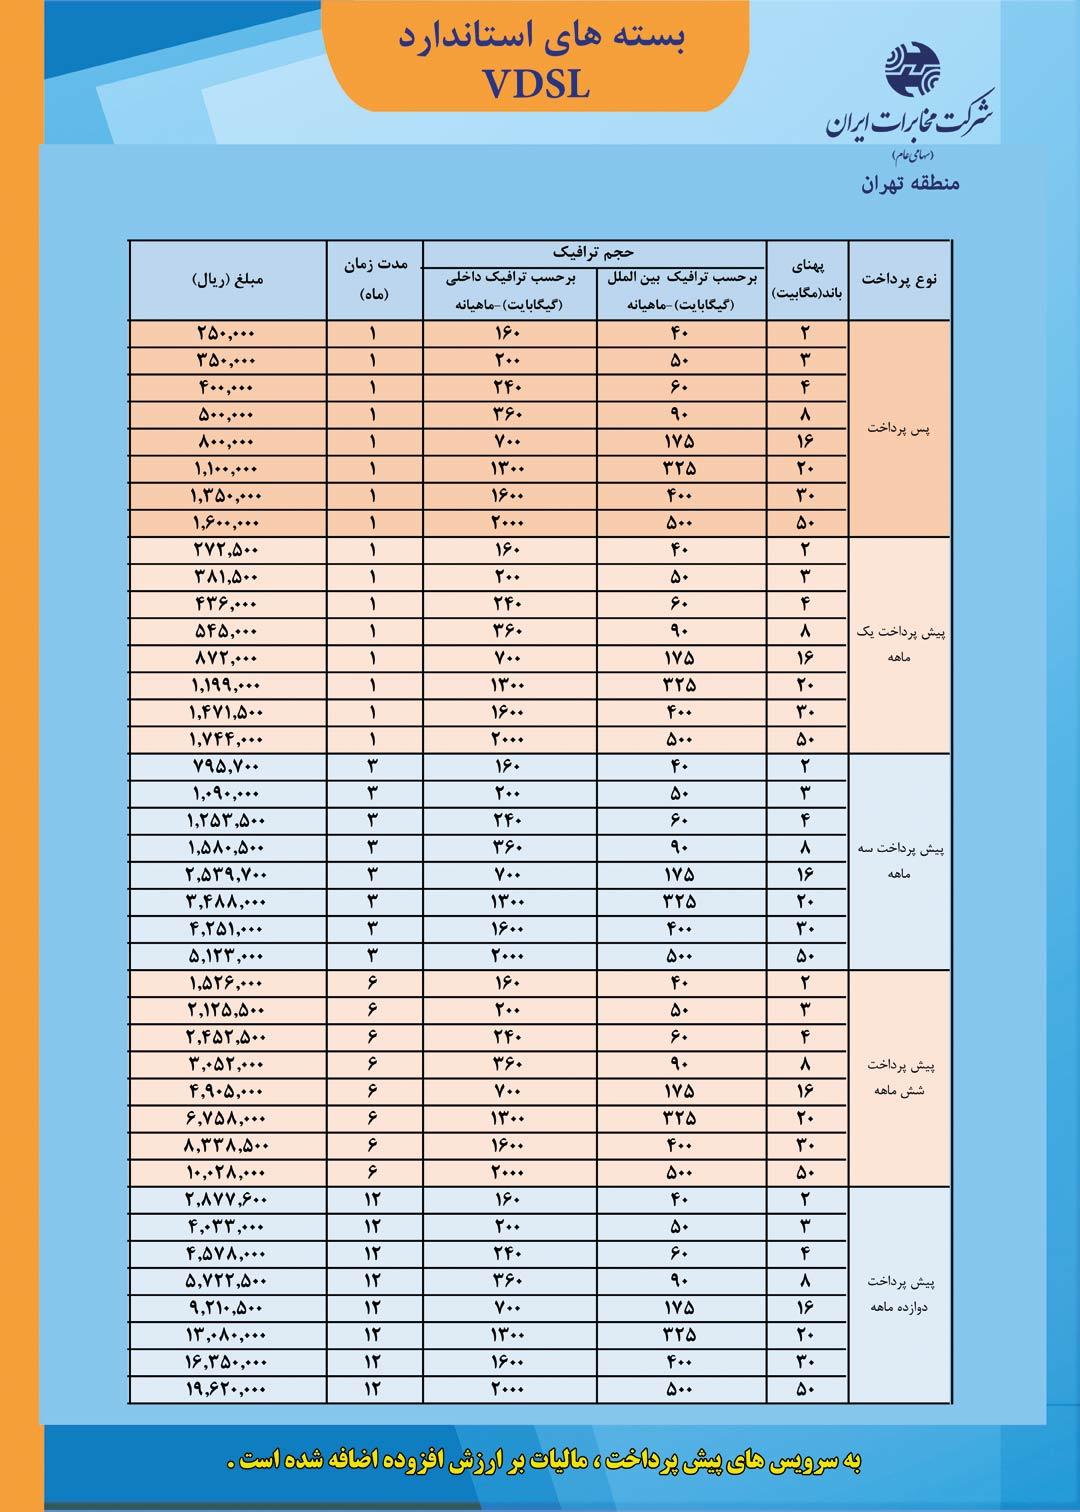 جدول تعرفههای سرویس VDSL مخابرات